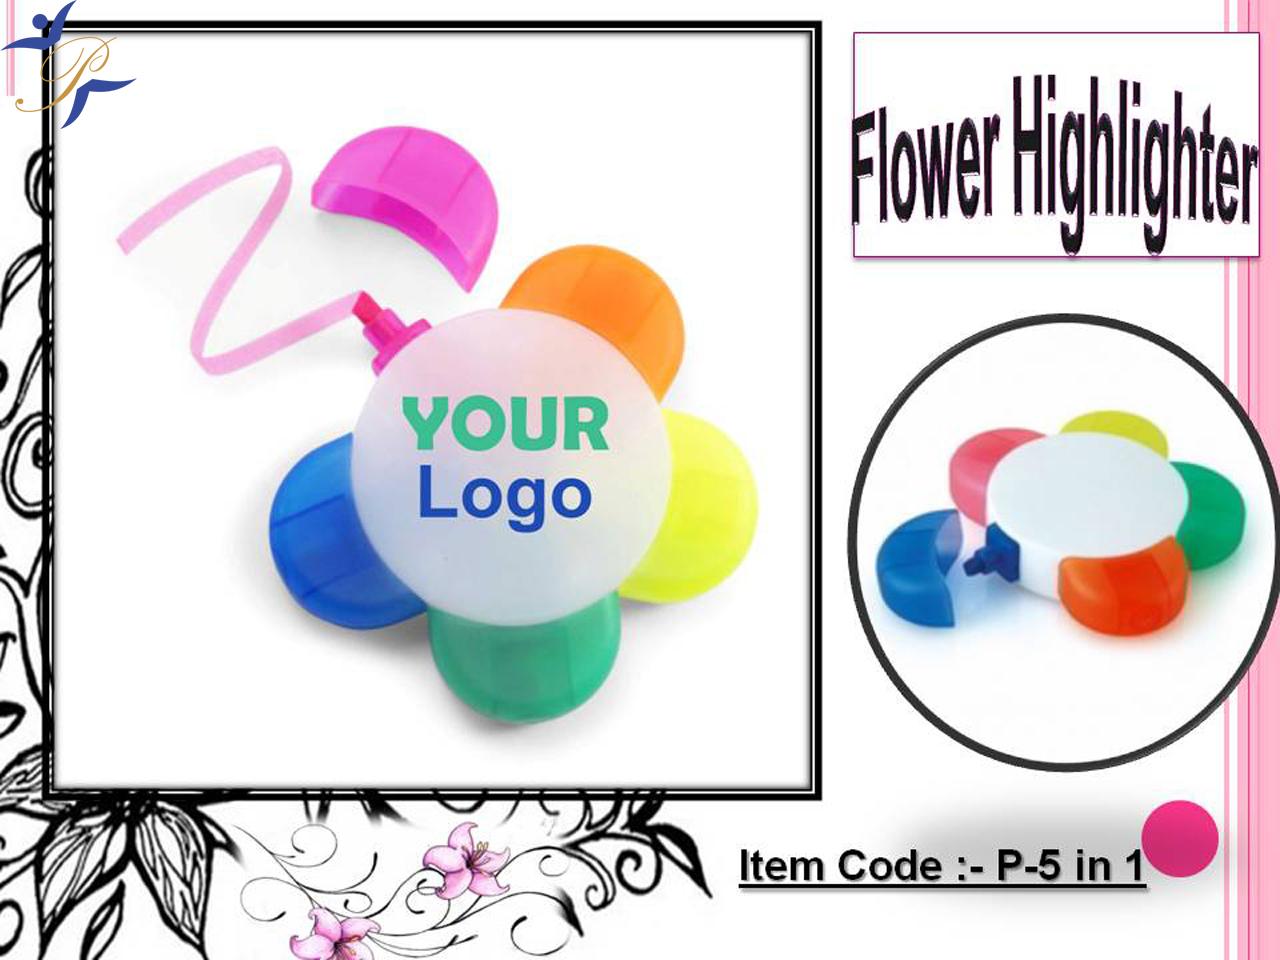 flower higjhlighter